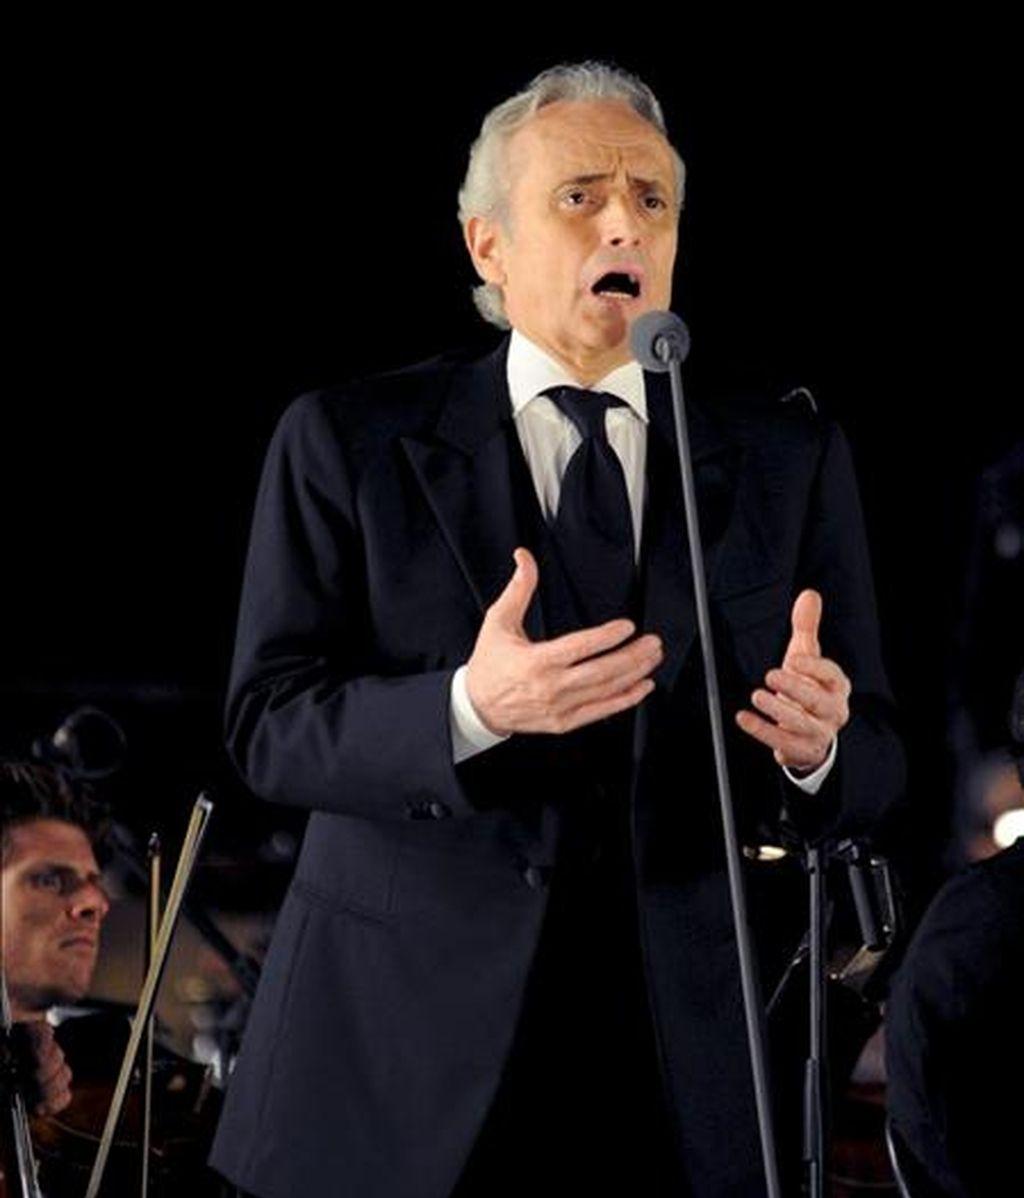 El tenor José Carreras durante el concierto que ofreció el pasado 25 de julio, en el teatro del Silenzio, en las colinas cerca de Lajatico, en la provincia de Pisa (Italia). EFE